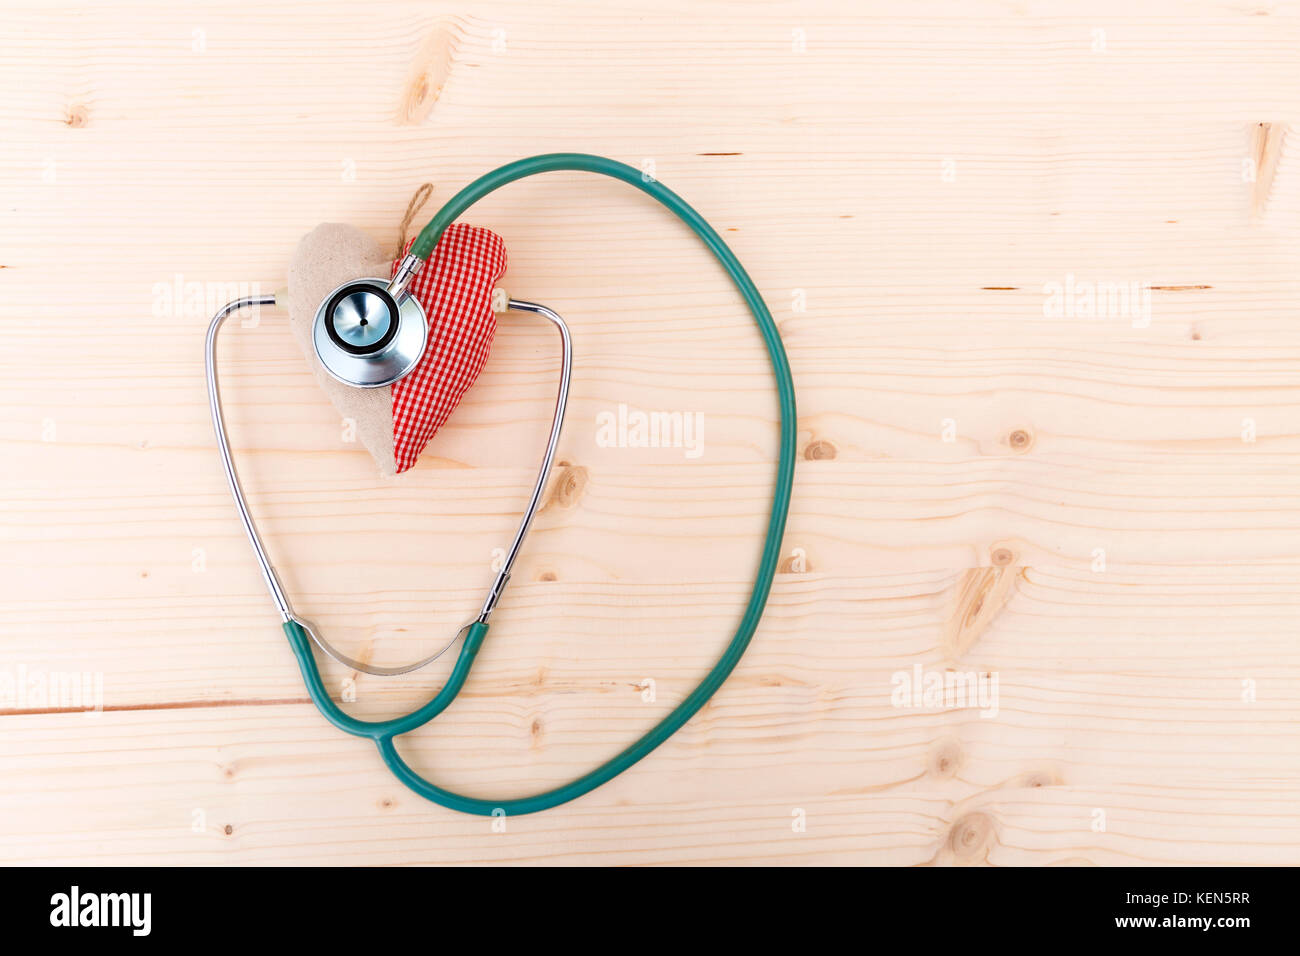 Stethoskop und rotem Stoff Herz liegen auf Holztisch. healthcare, Kardiologie und medizinisches Konzept Stockbild